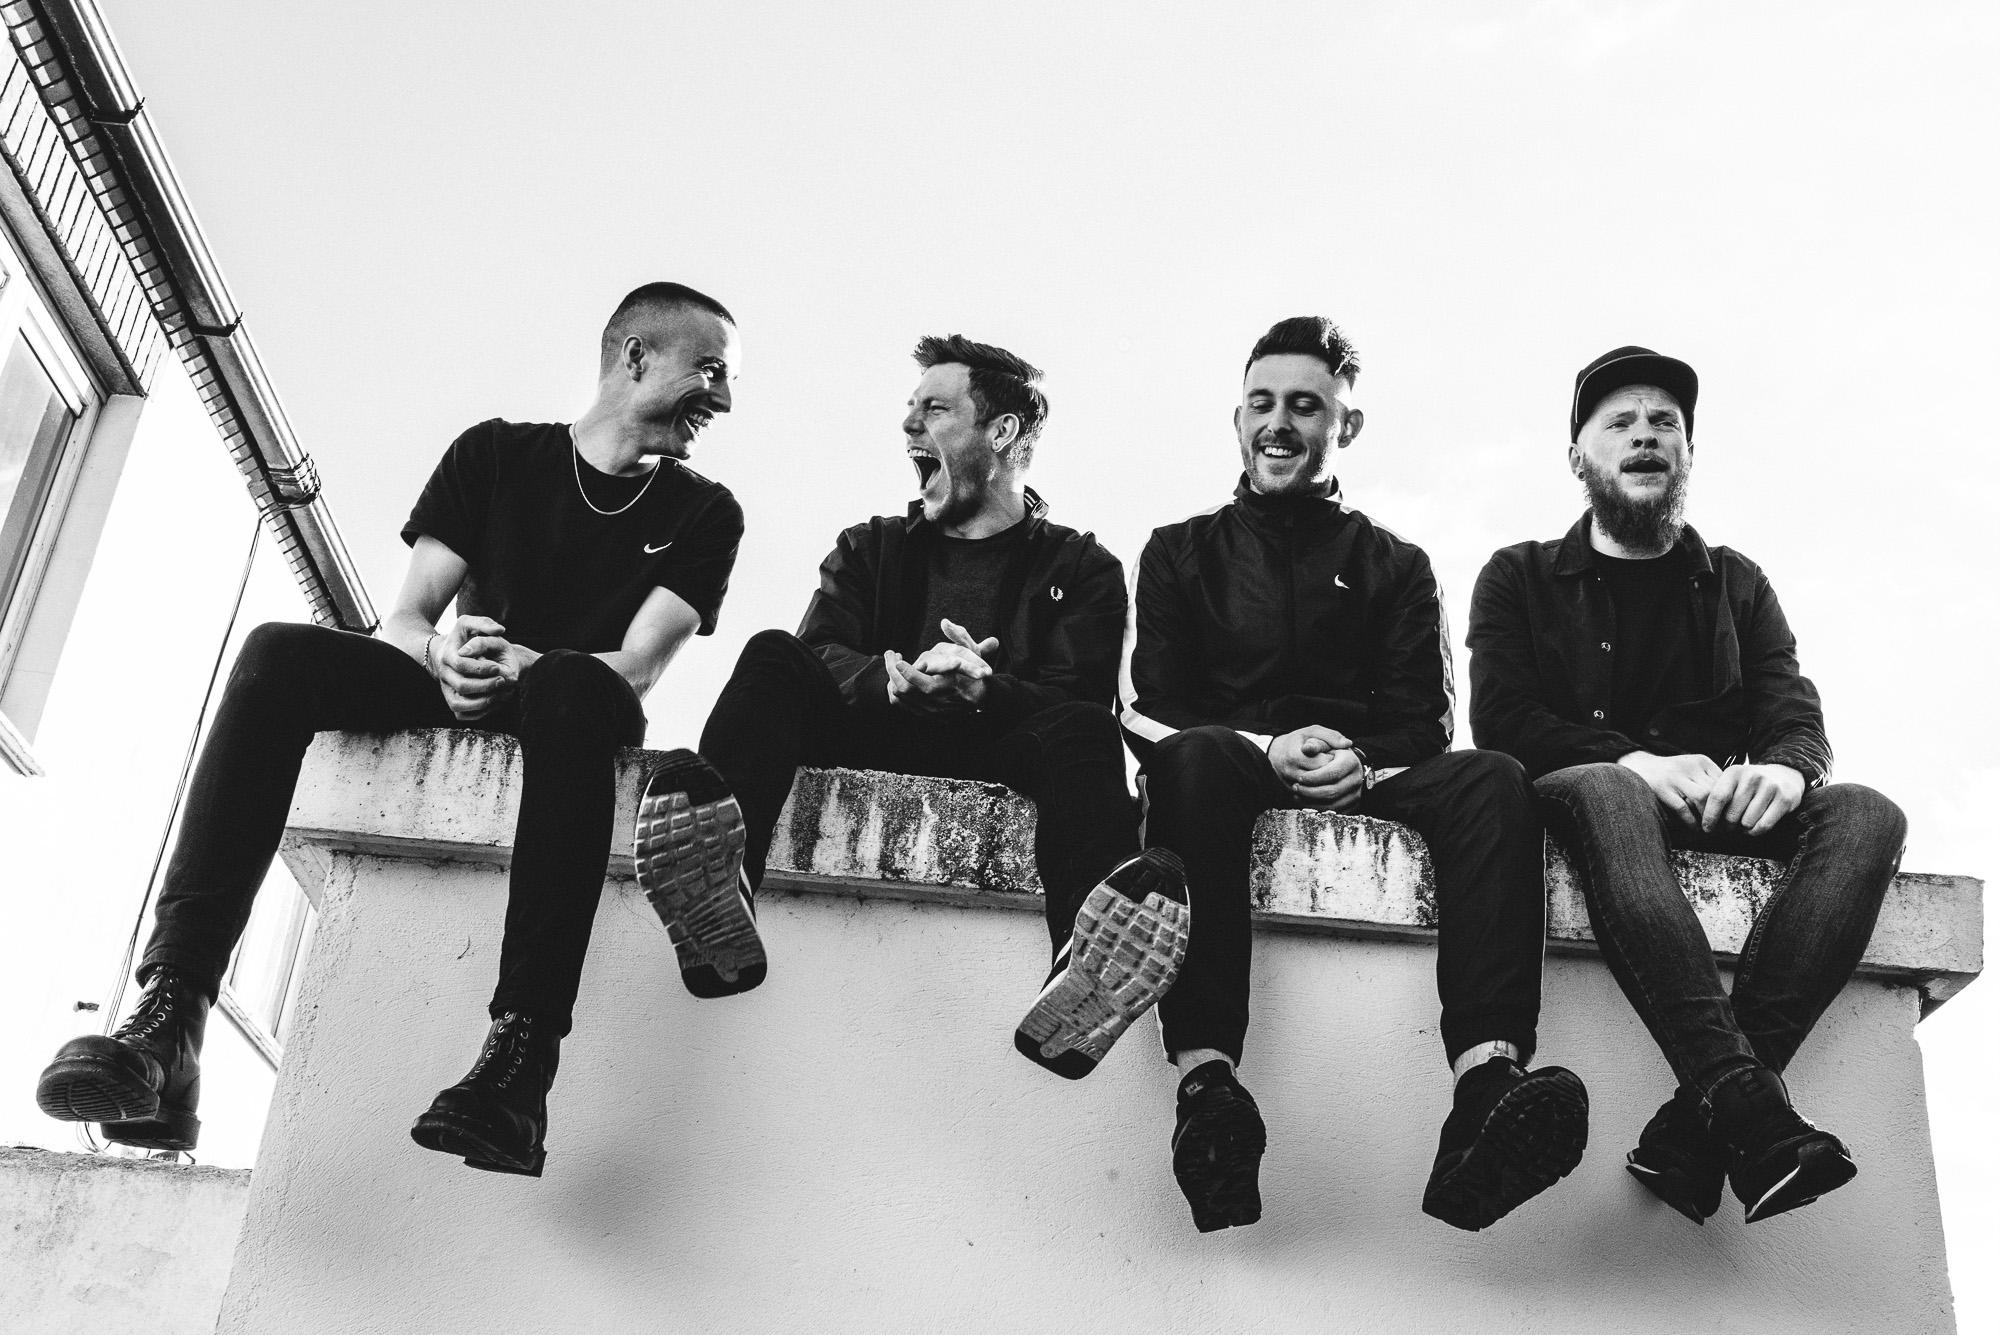 Burnt Out - Dublin - Music Photography_-42.JPG